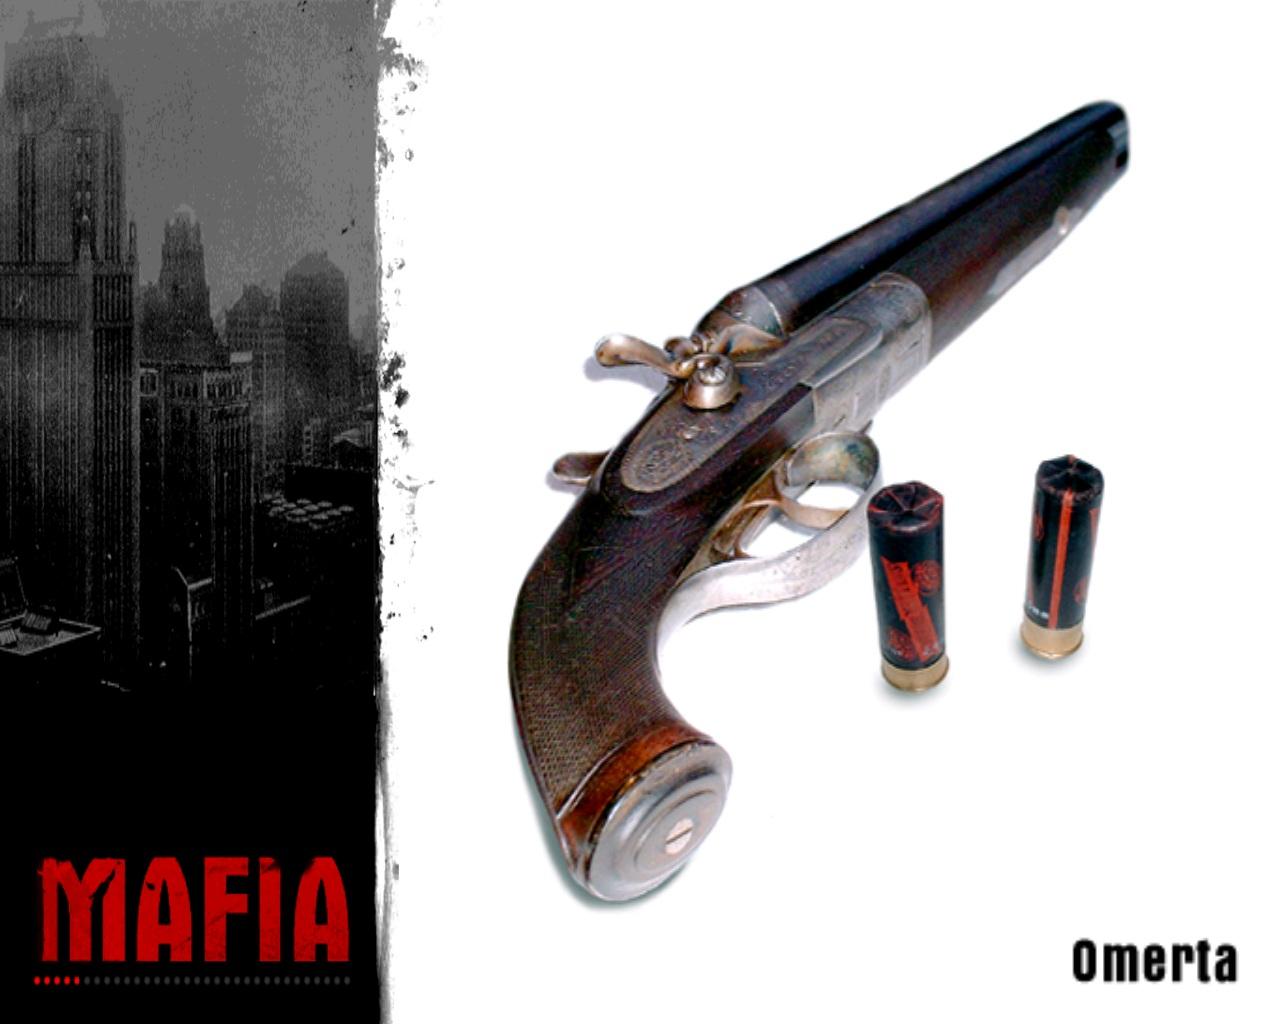 Omerta (Mafia) | Mafia Wiki